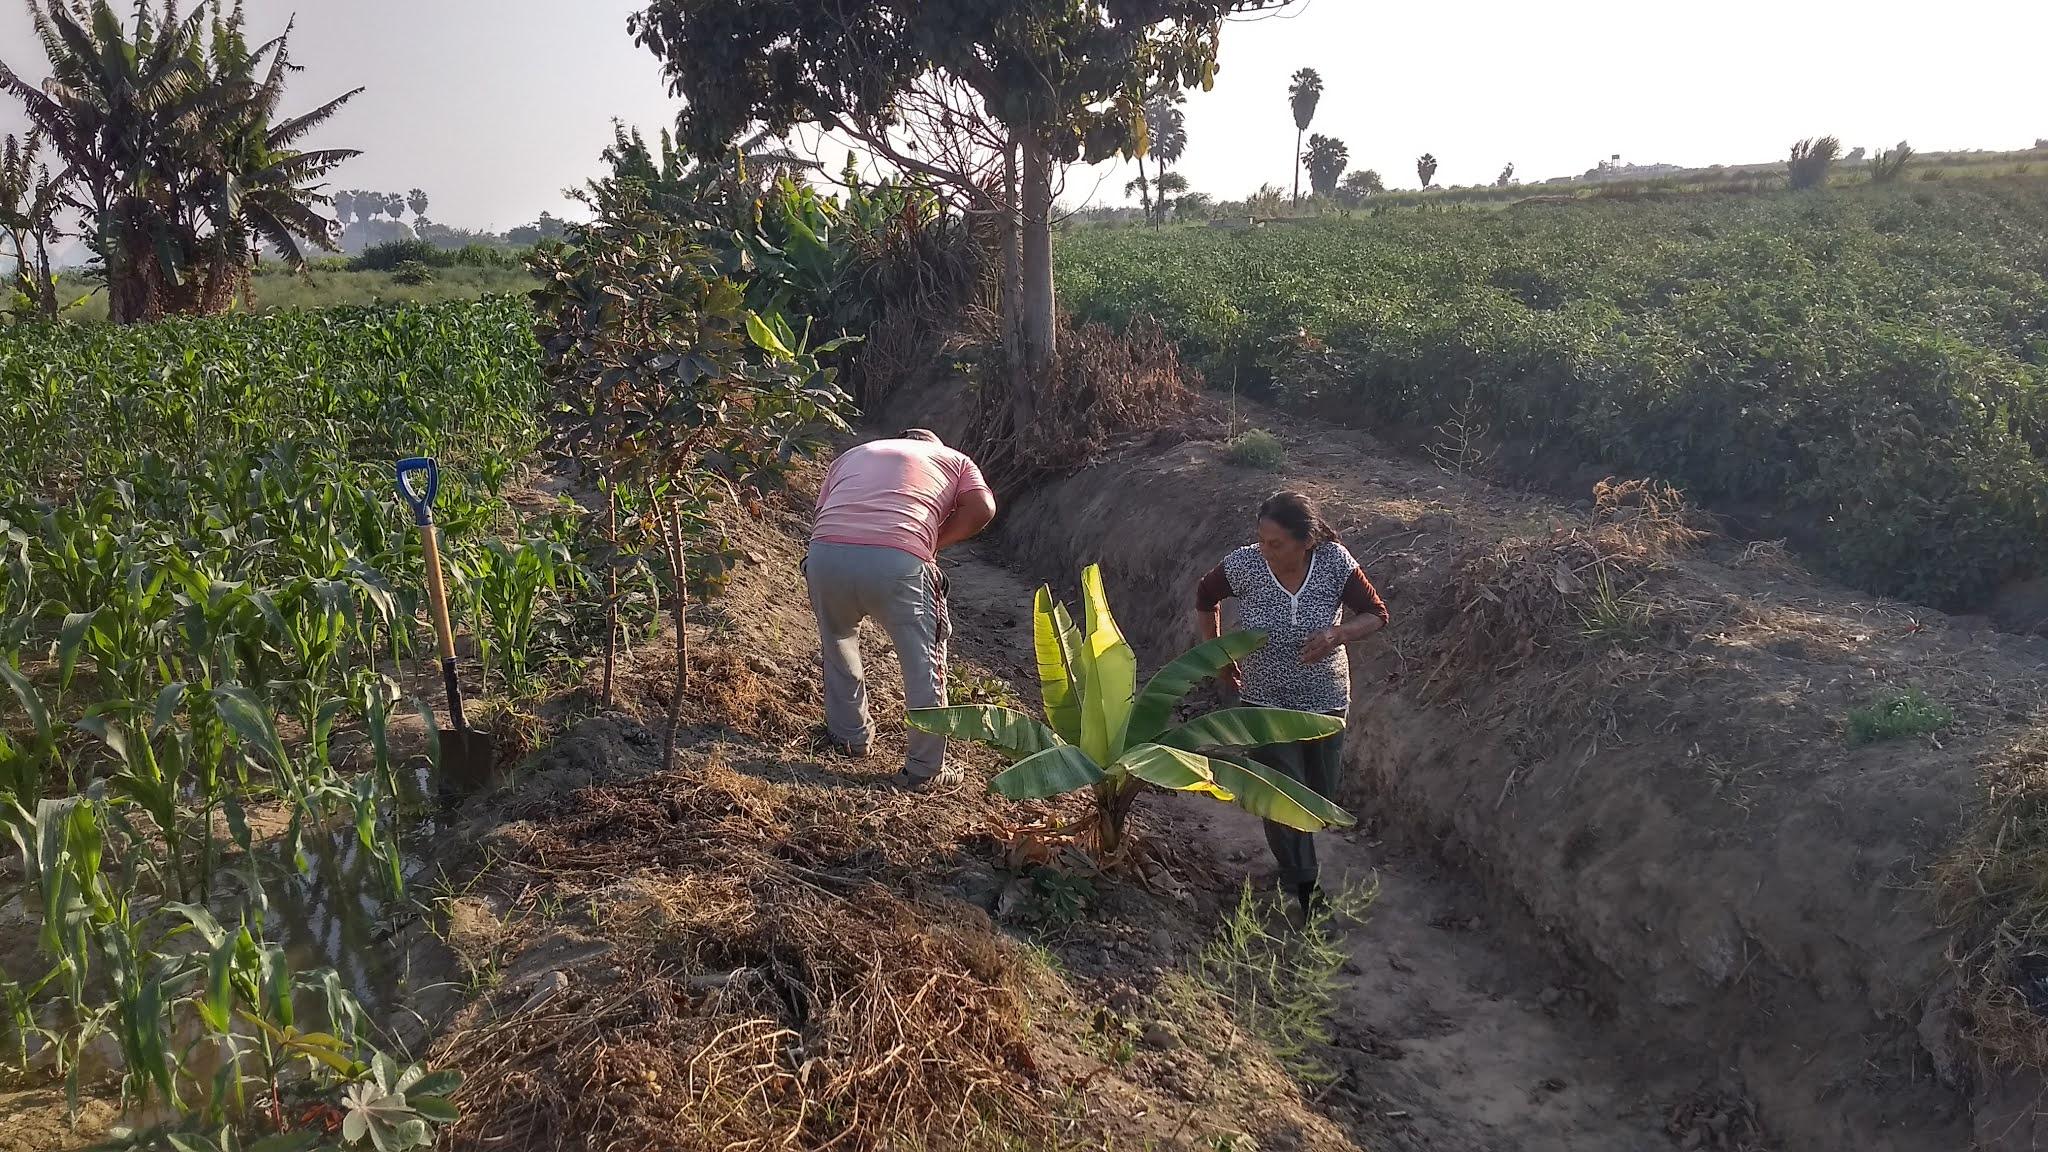 Personas trabajando en el campo, Río Seco, La Libertad, Perú (Distrito de Razuri)